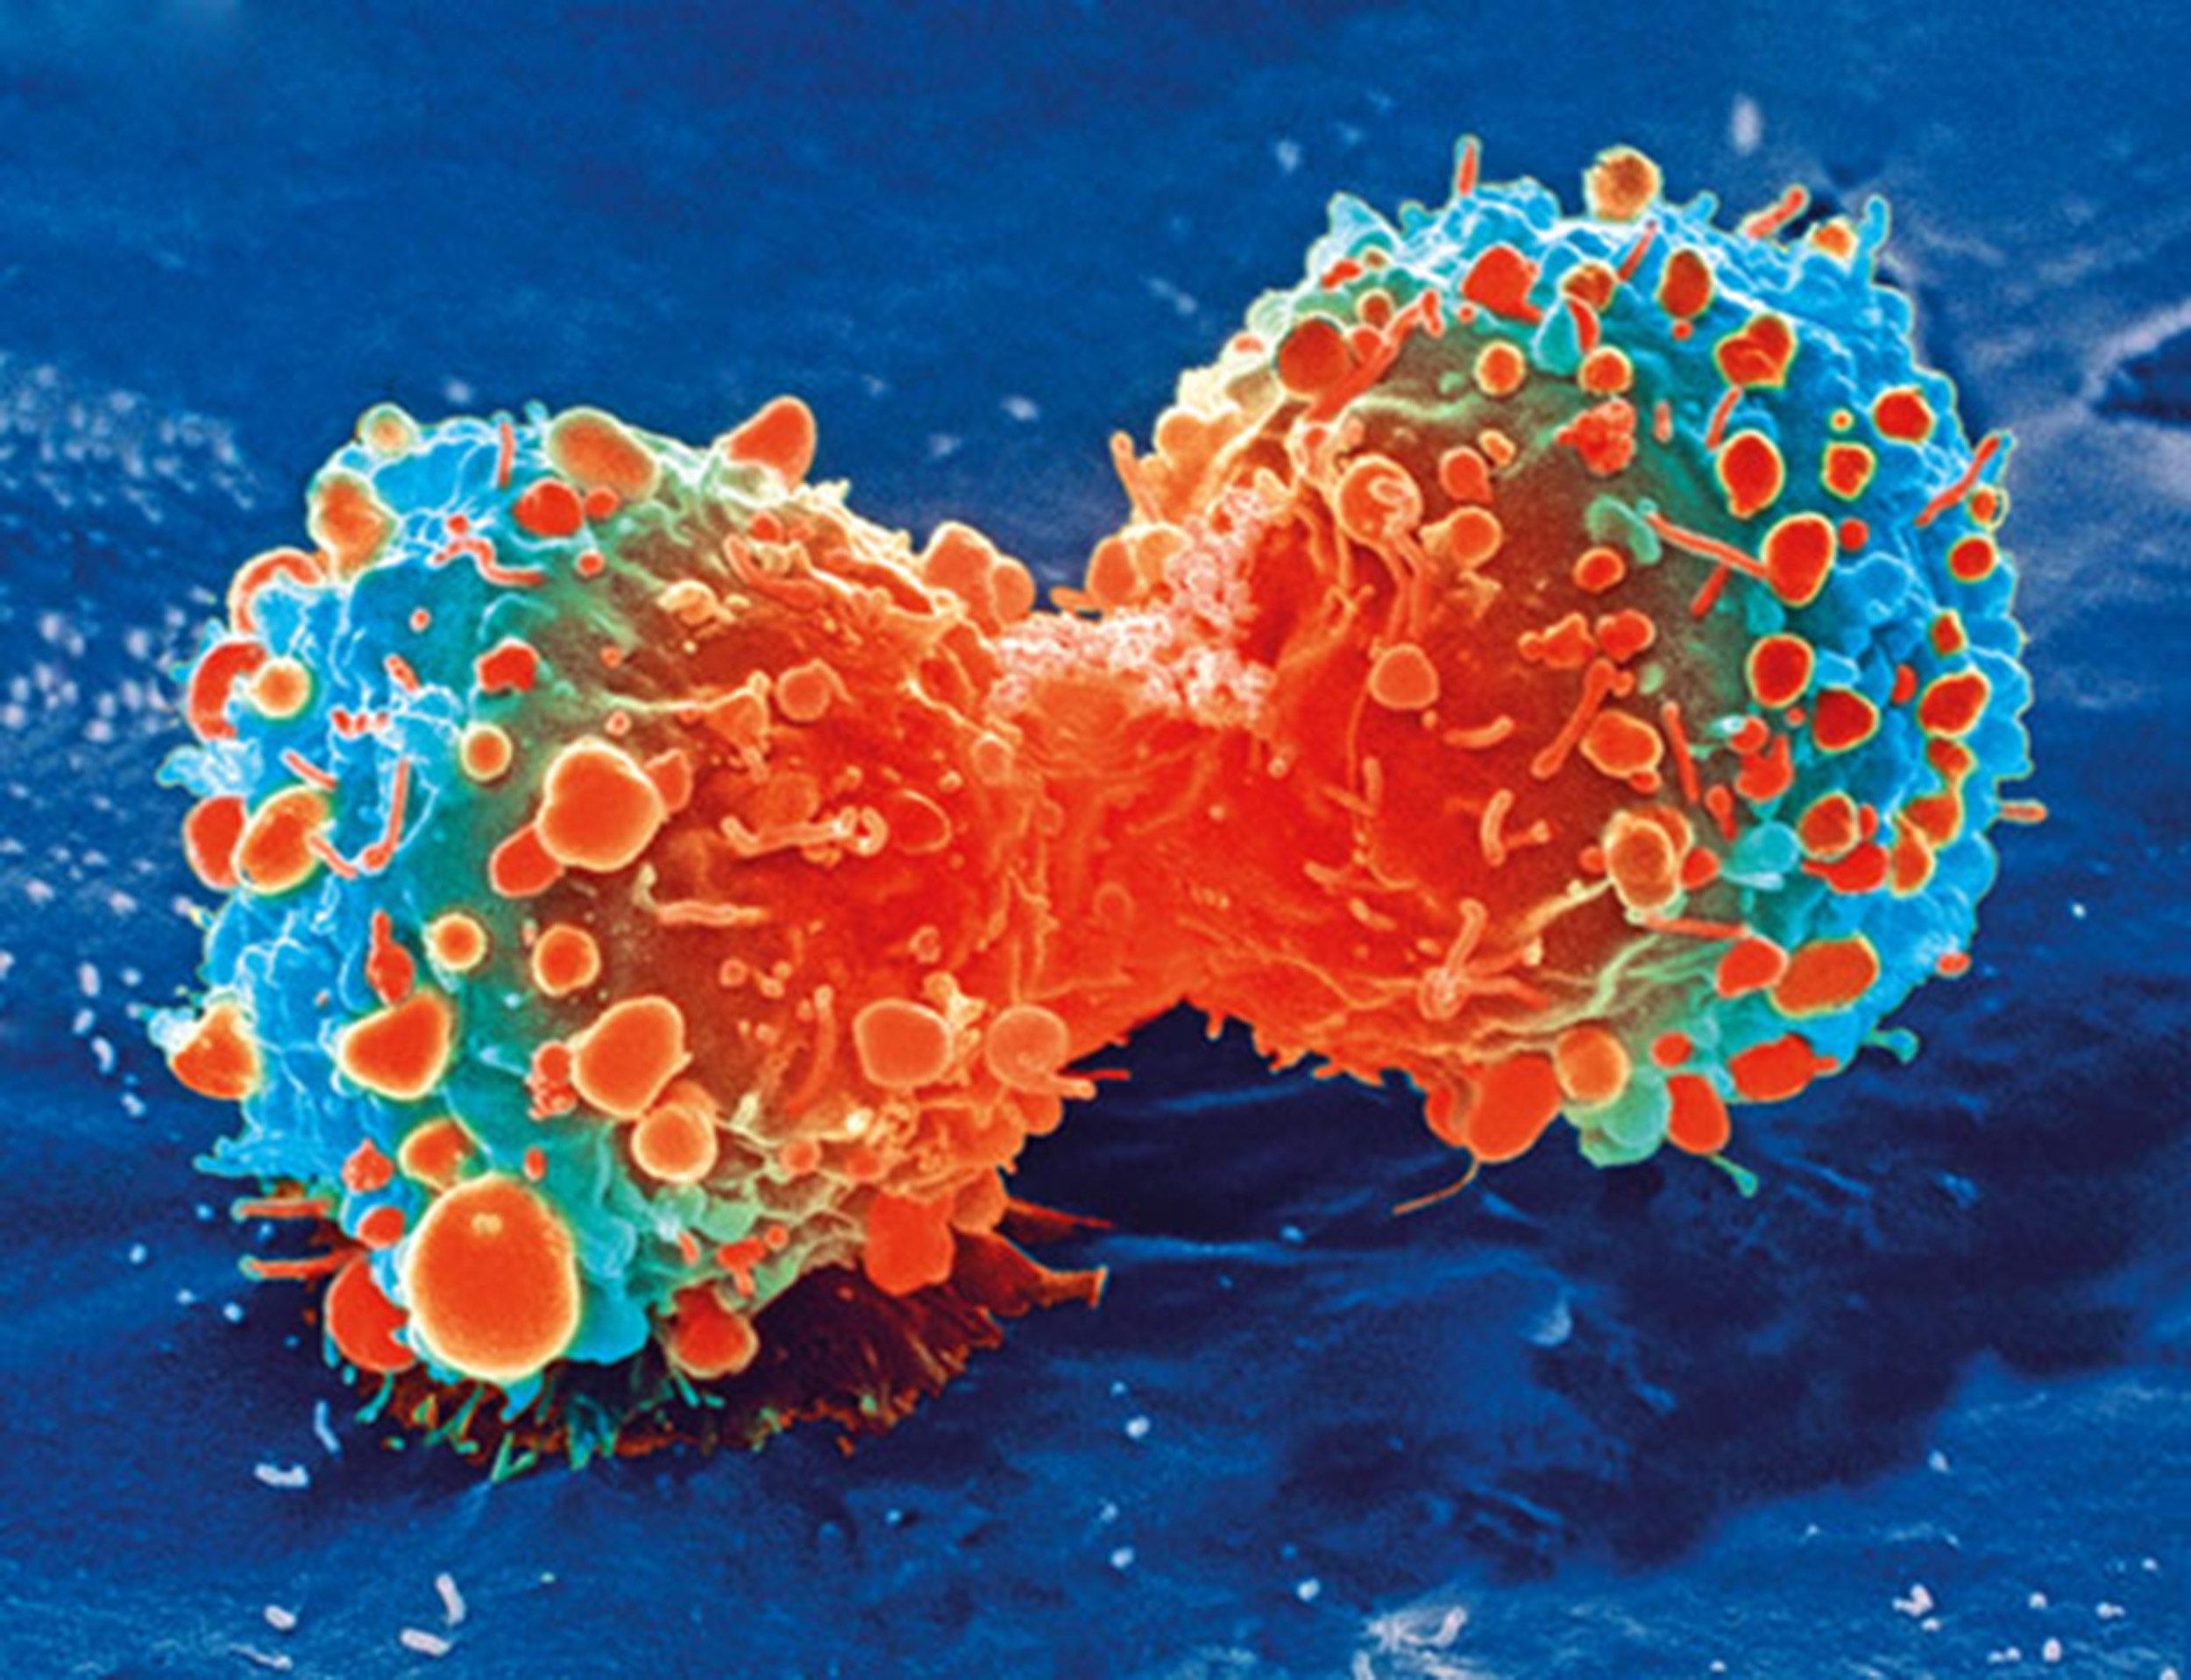 Große Lücken bestehen bei den Patienten das Verständnis der genomischen test-Ergebnisse, Lungen-MAP-Studie zeigt